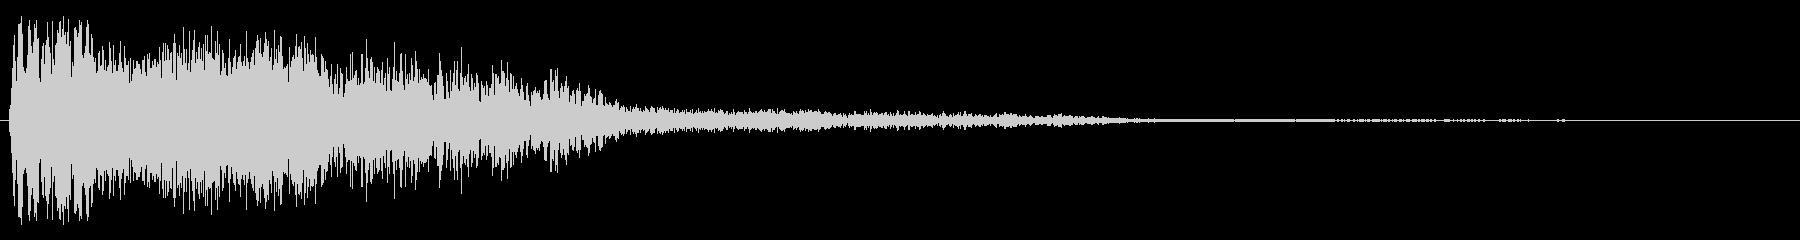 ボヨーンと跳ね返るような音の未再生の波形